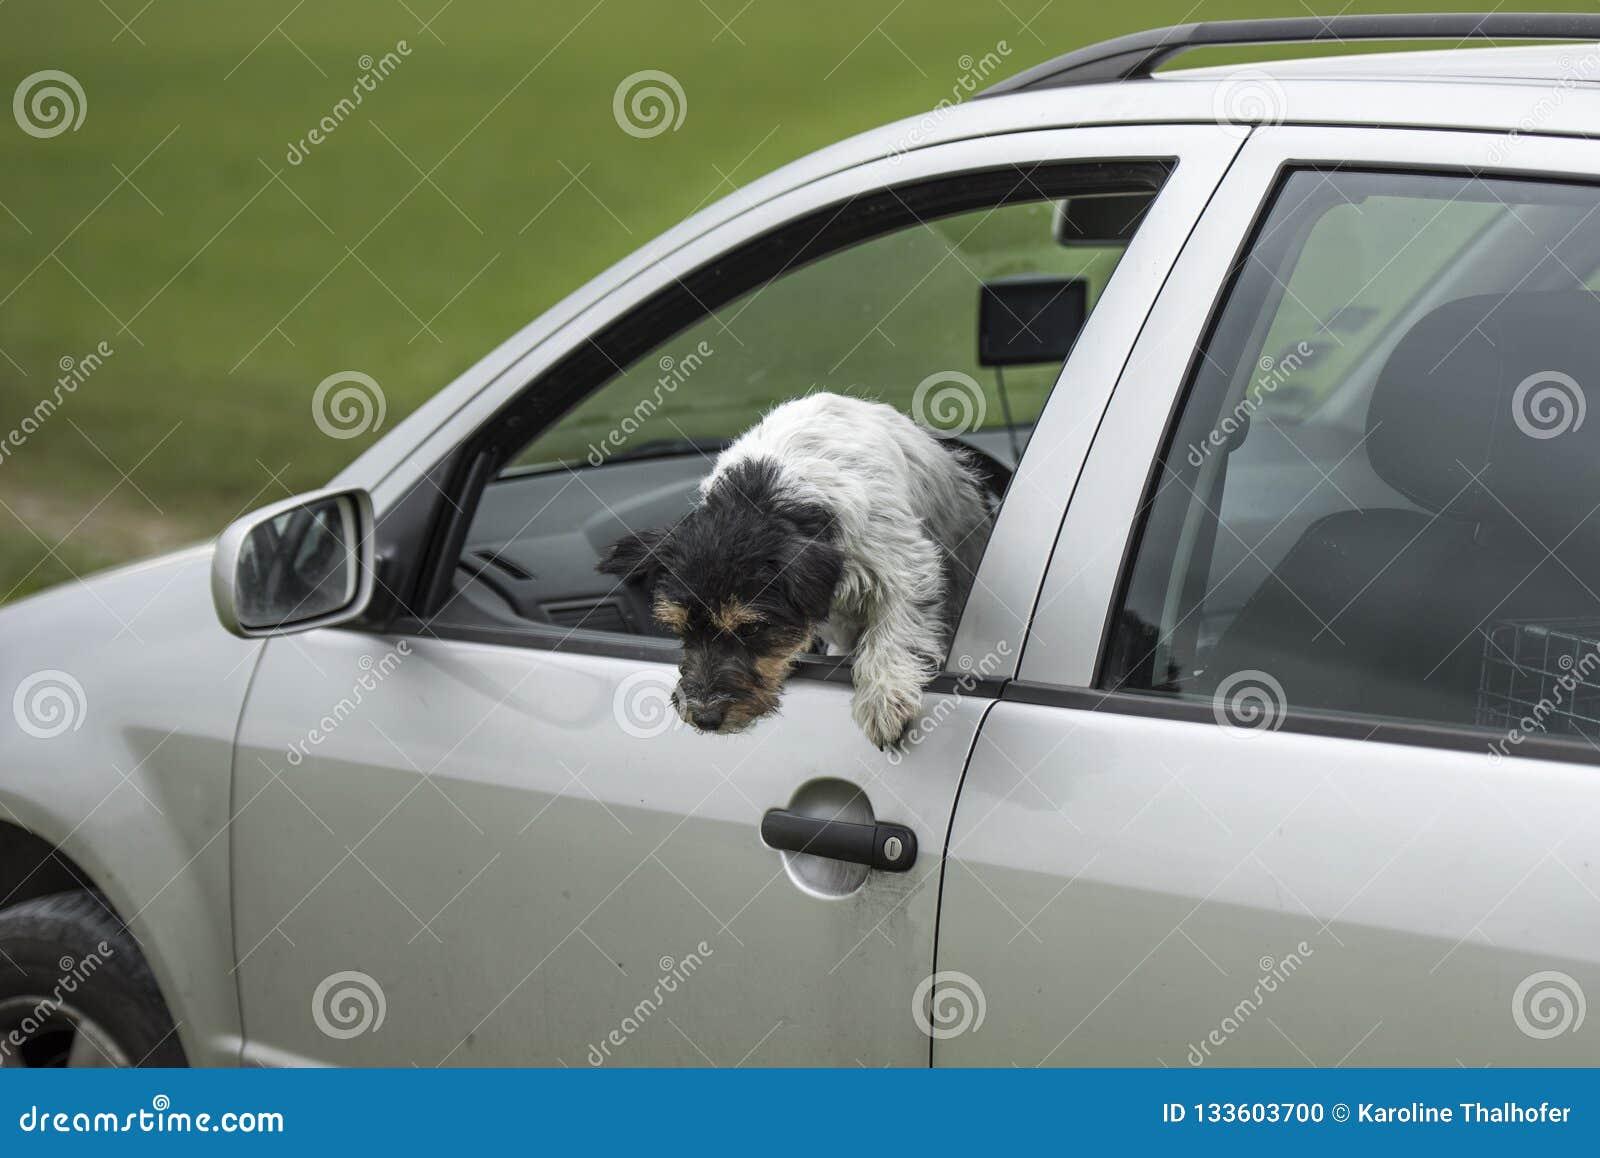 Небольшая собака смотрит из окна автомобиля - поднимите терьера домкратом Рассела